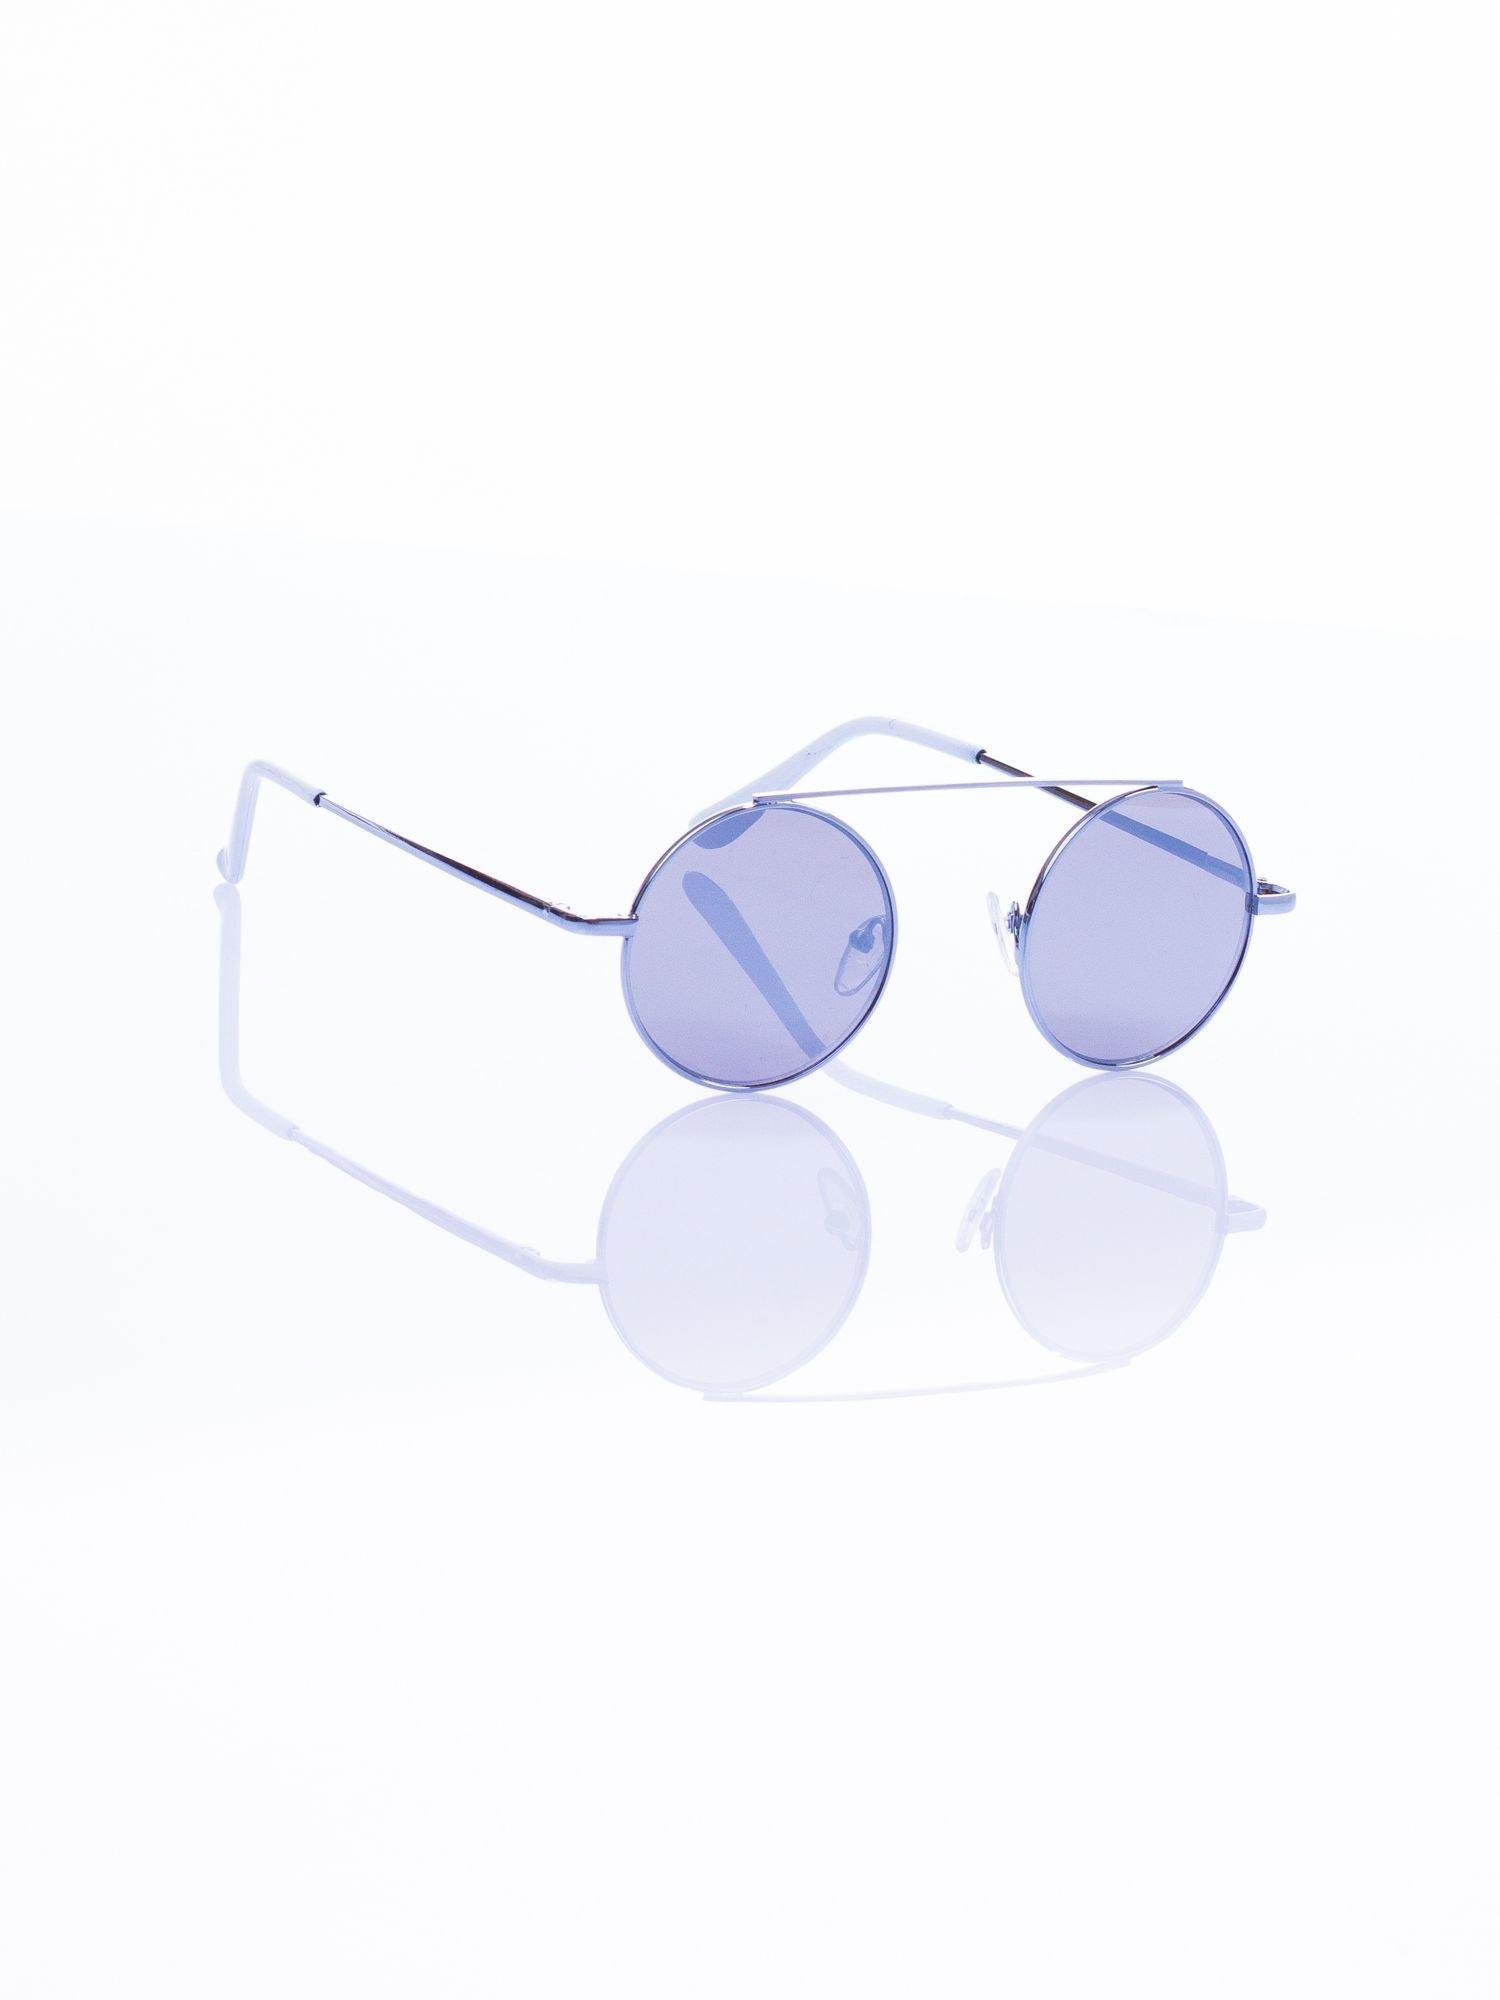 Srebrne okulary przeciwsłoneczne LENONKI lustrzanka                                  zdj.                                  3